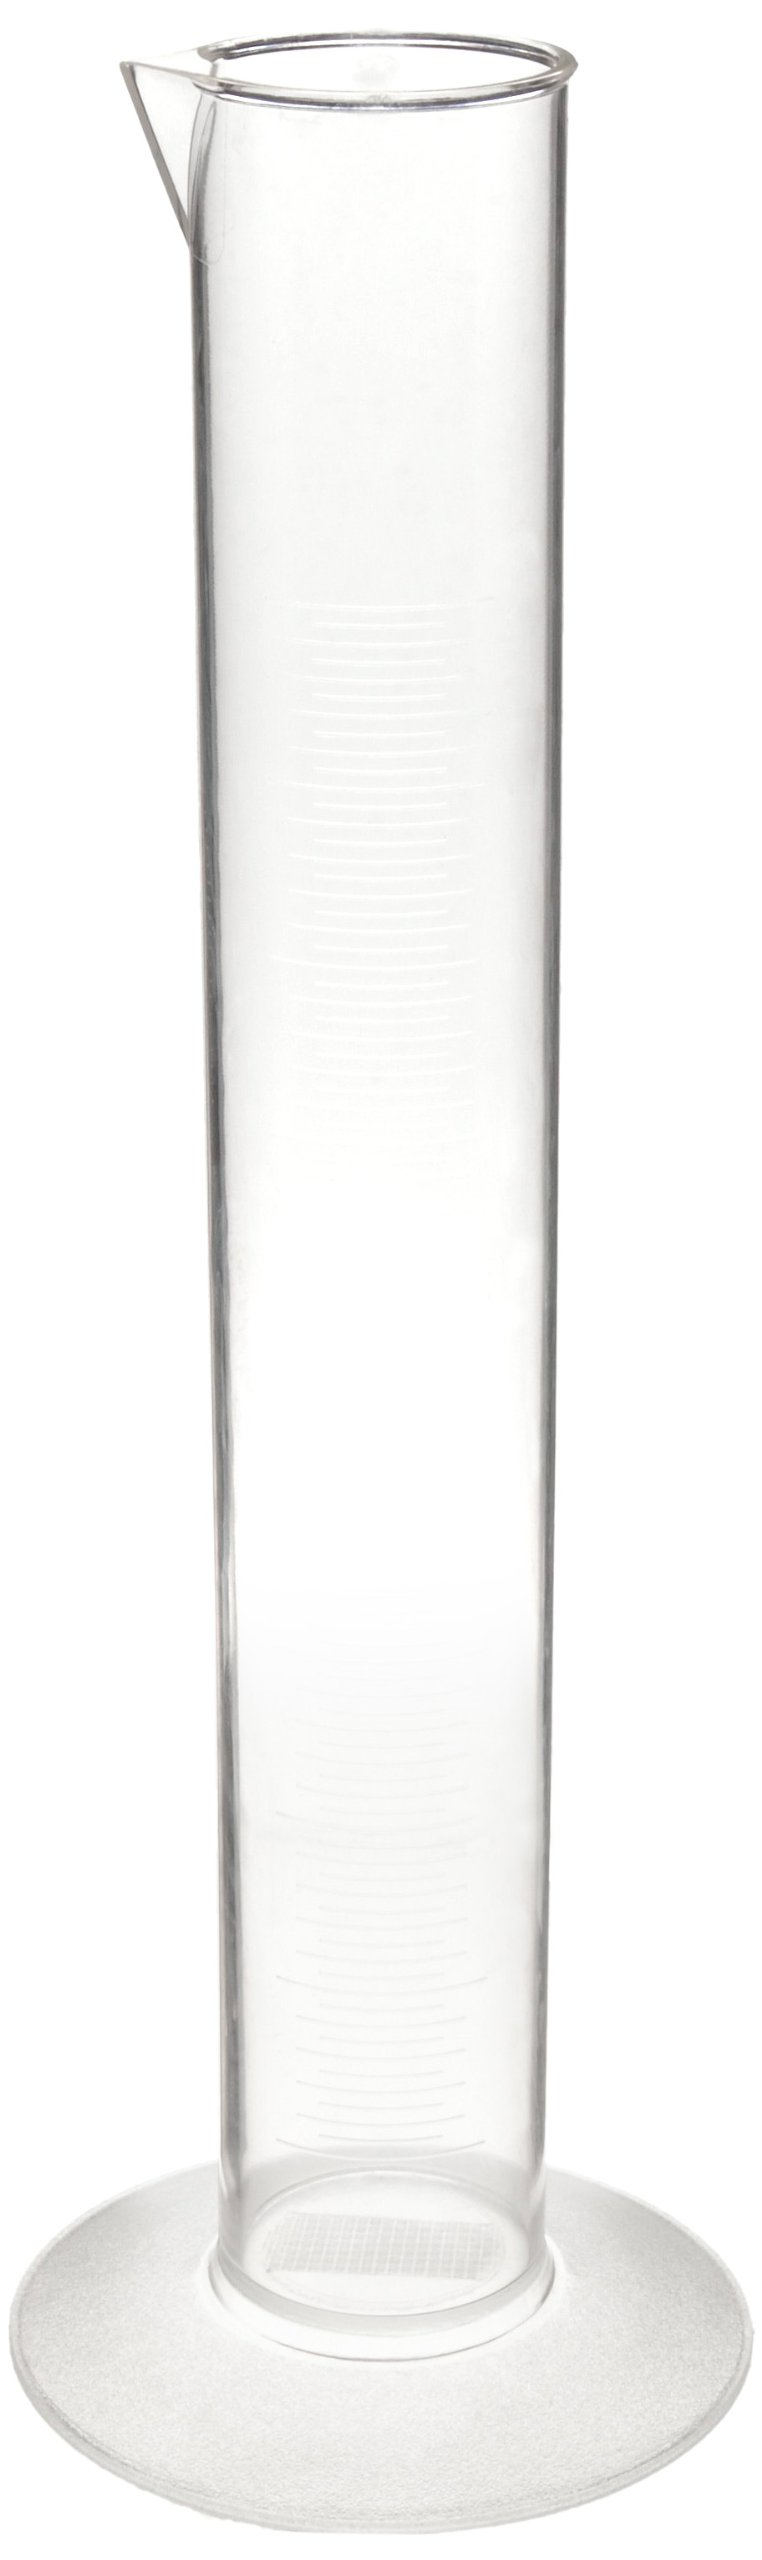 Nalgene 3665-0500 Polymethylpentene Economy Graduated Cylinder, 500mL Capacity